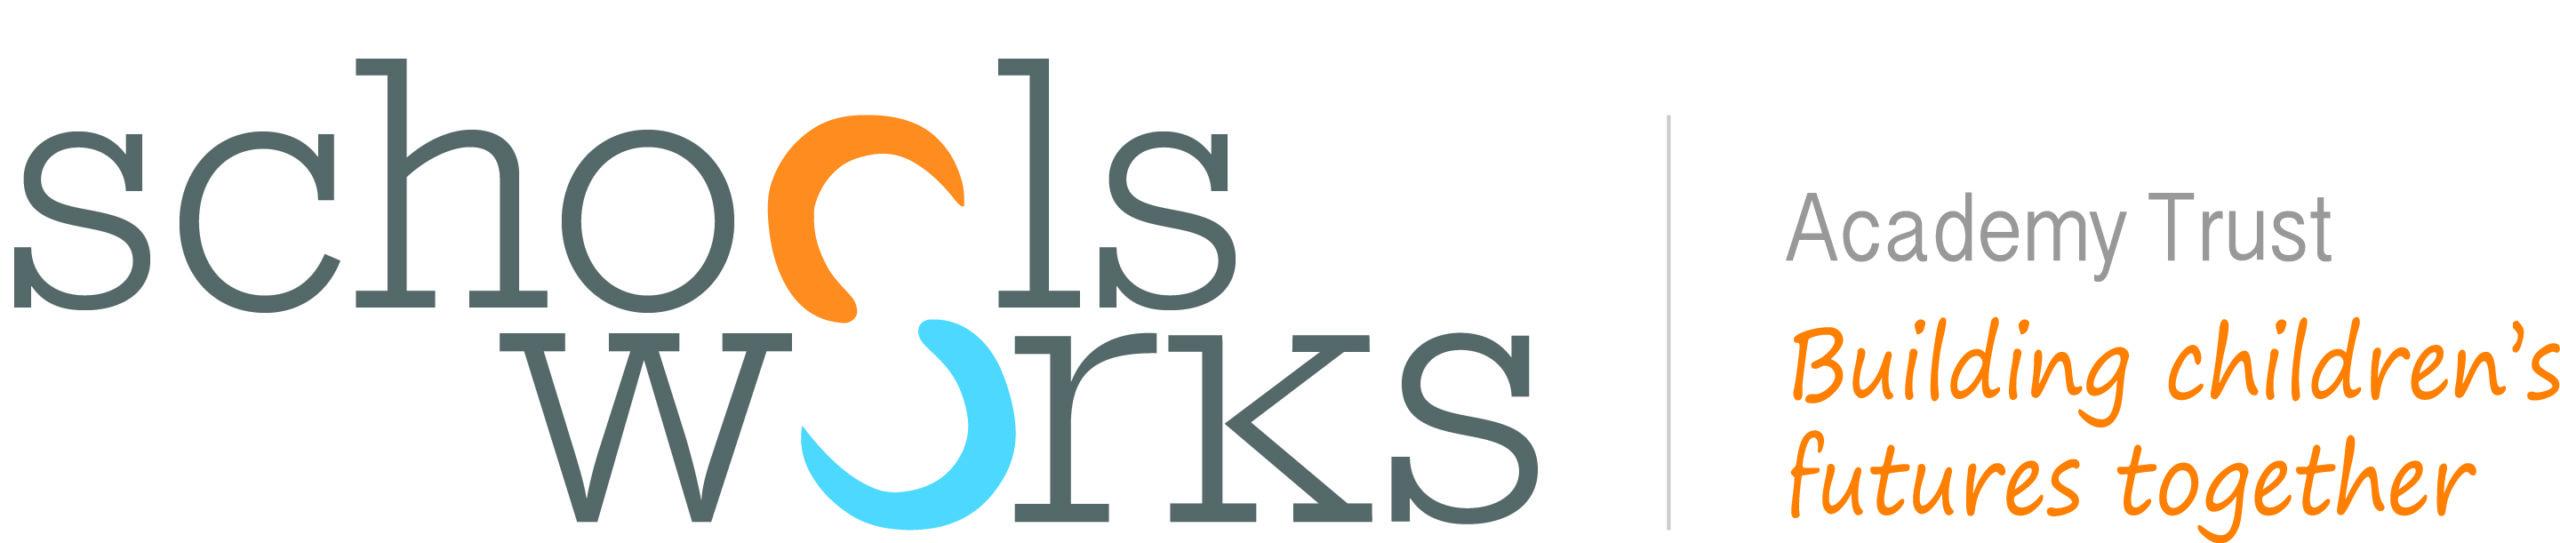 Schoolsworks Academy Trust